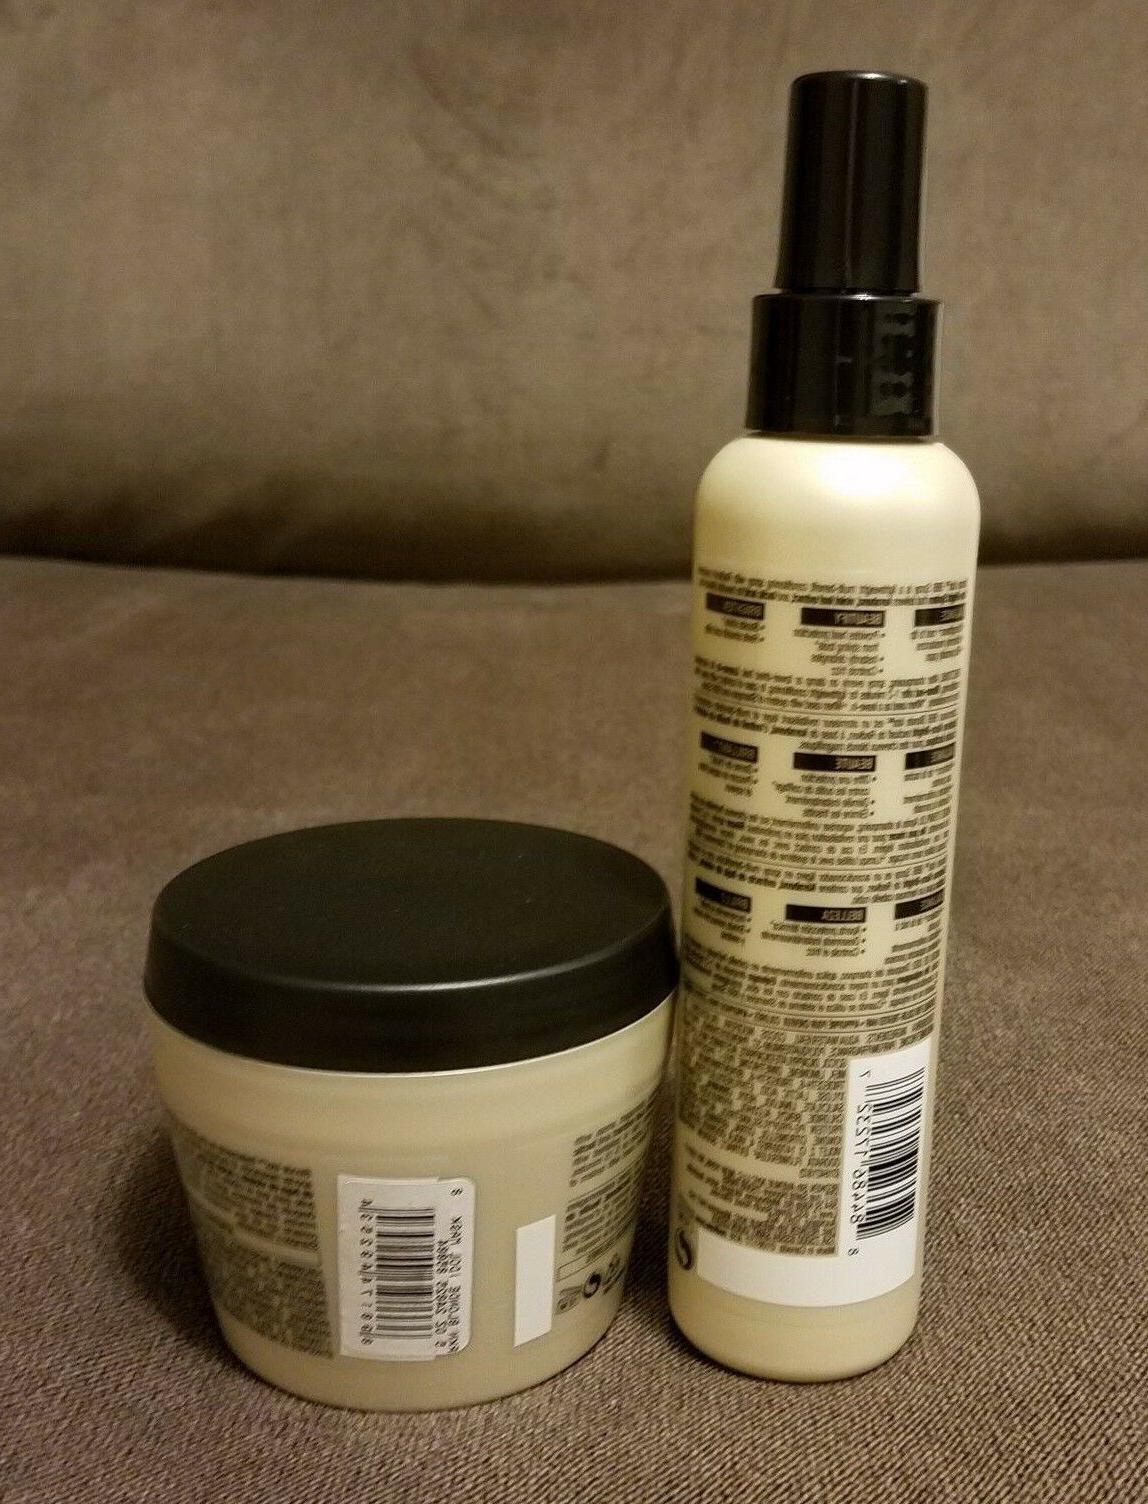 REDKEN Idol Hair Conditioner Spray